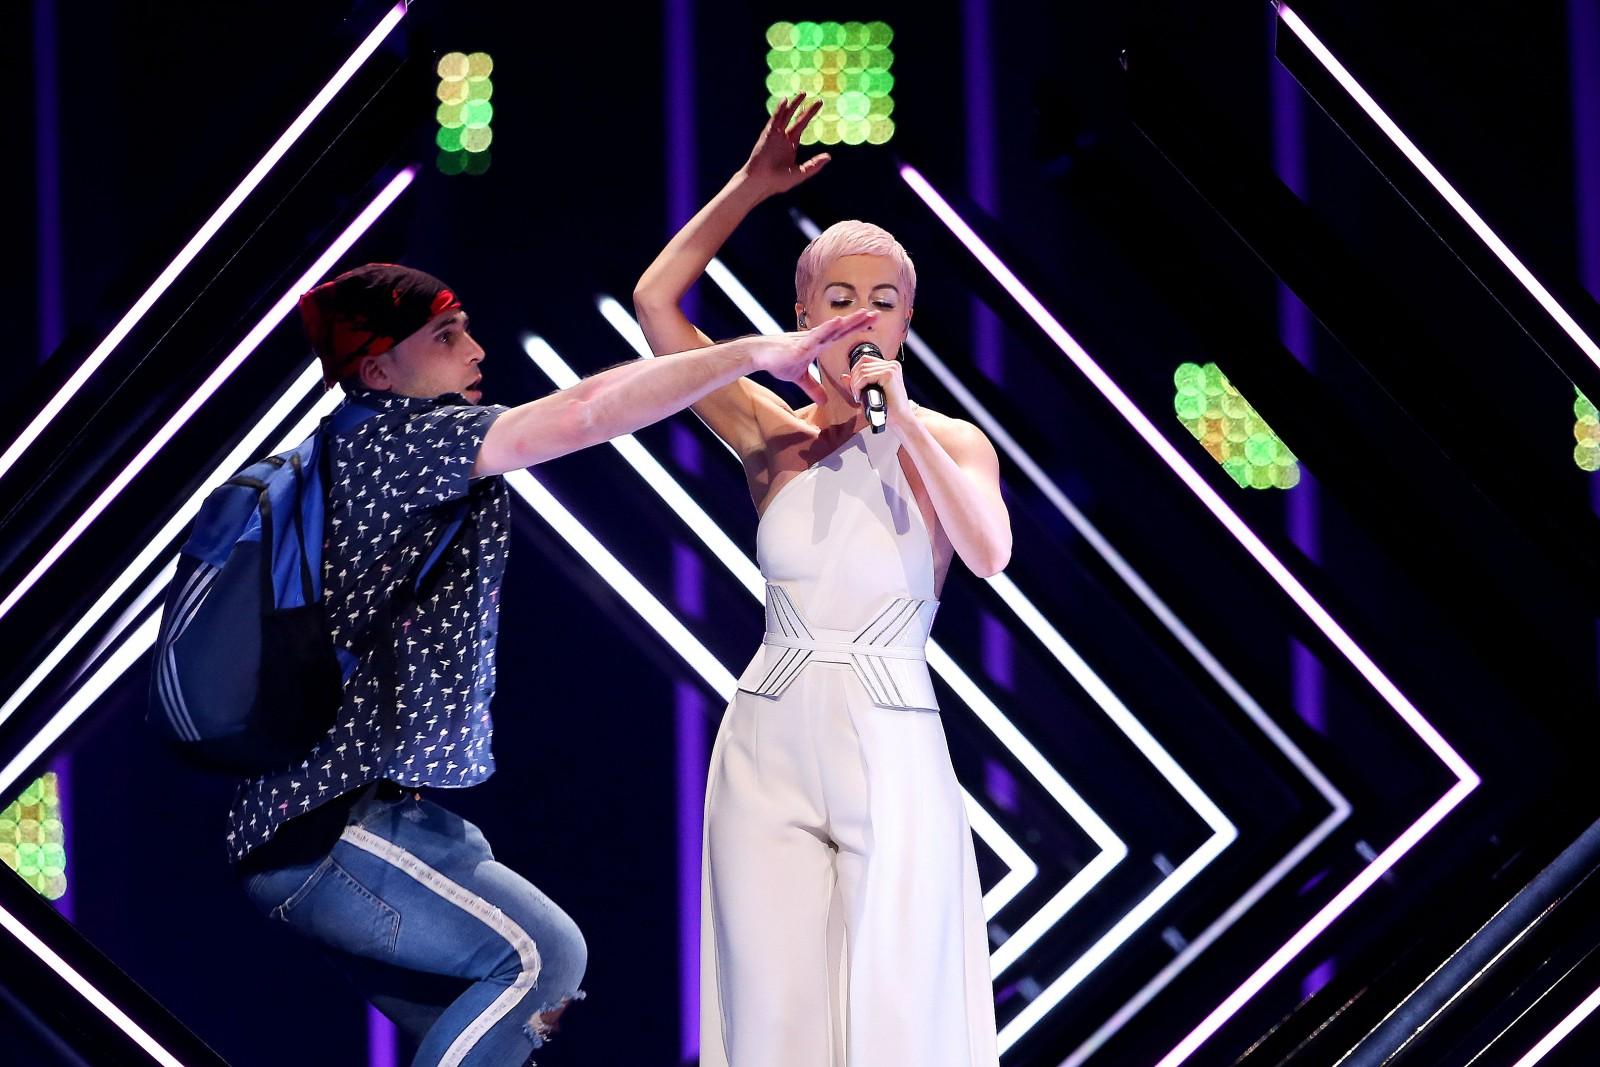 (video/foto) Incident la Eurovision 2018. Un bărbat a dat buzna pe scenă și a luat microfonul din mâna reprezentantei Marii Britanii